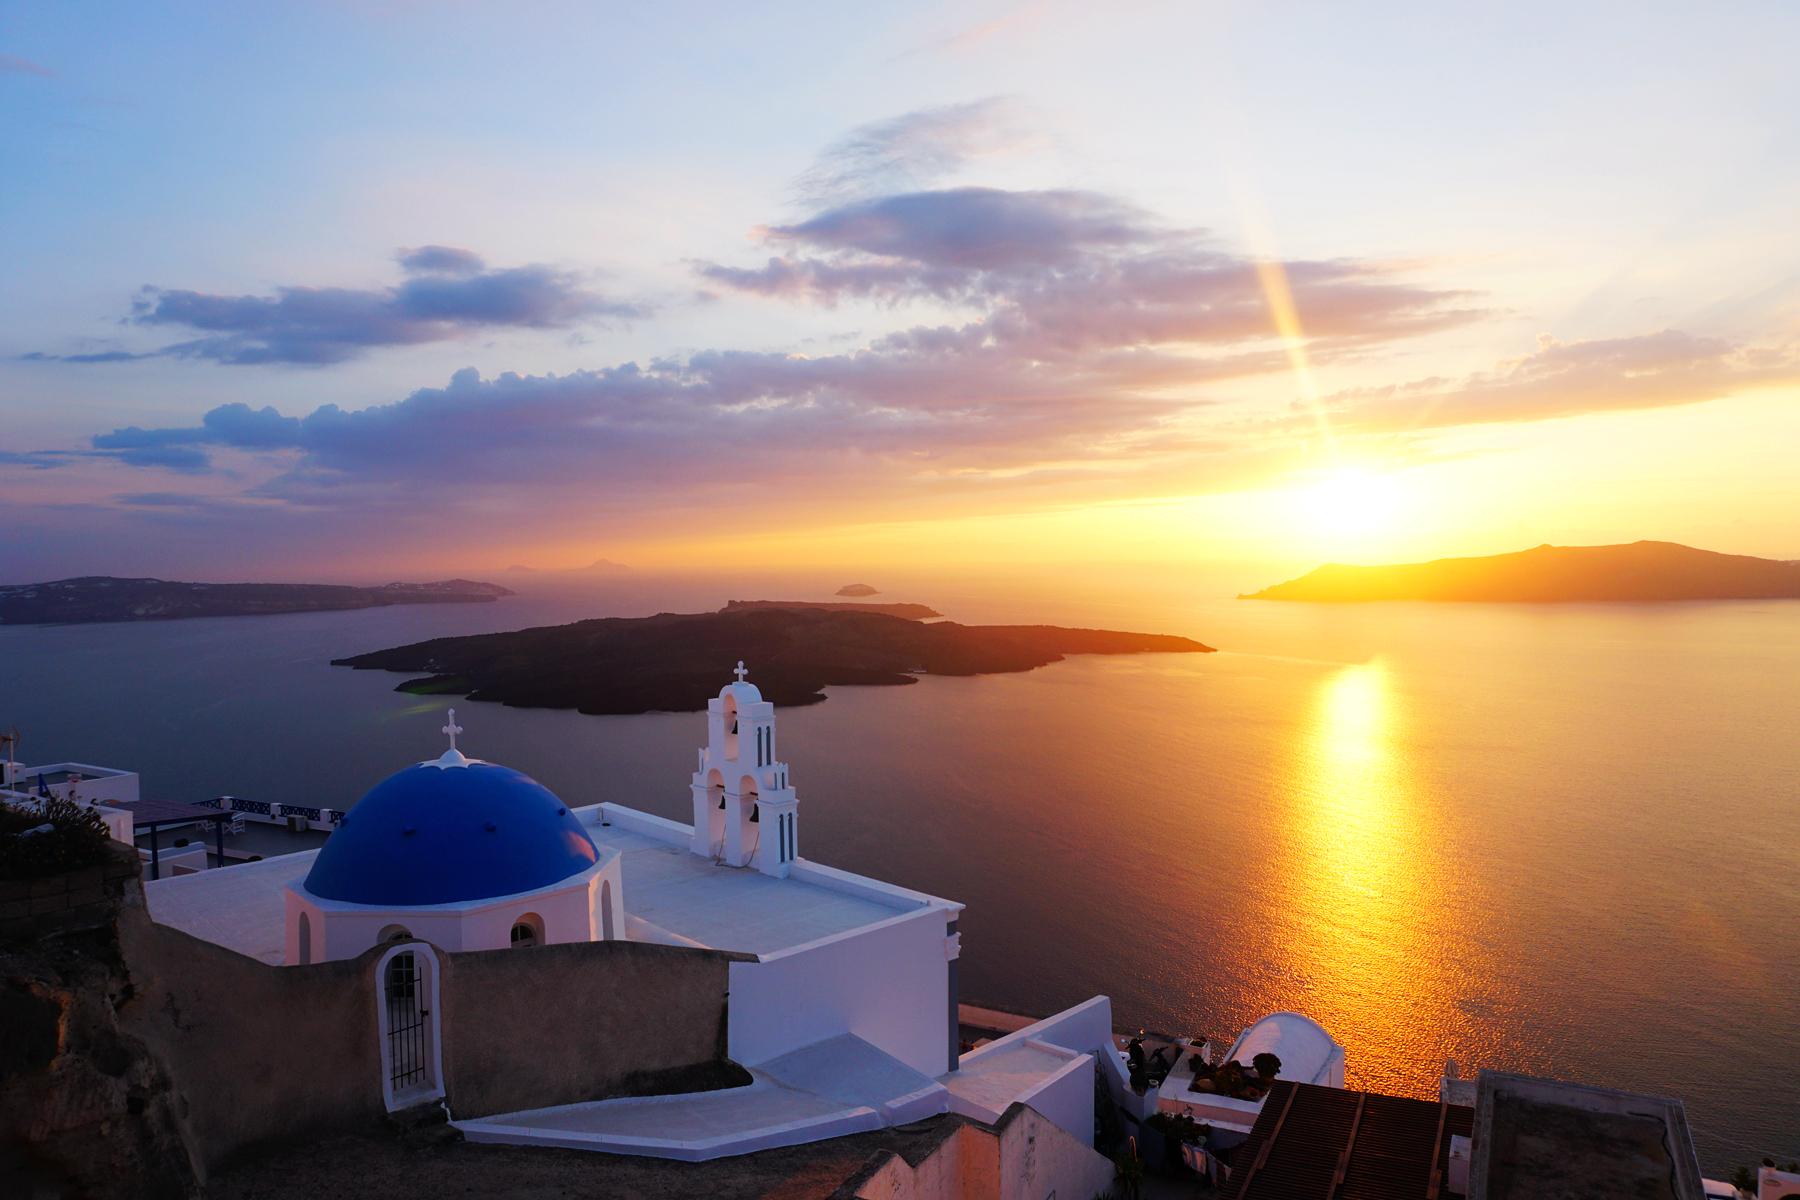 圣托里尼,爱琴海诸岛中的纯与蓝